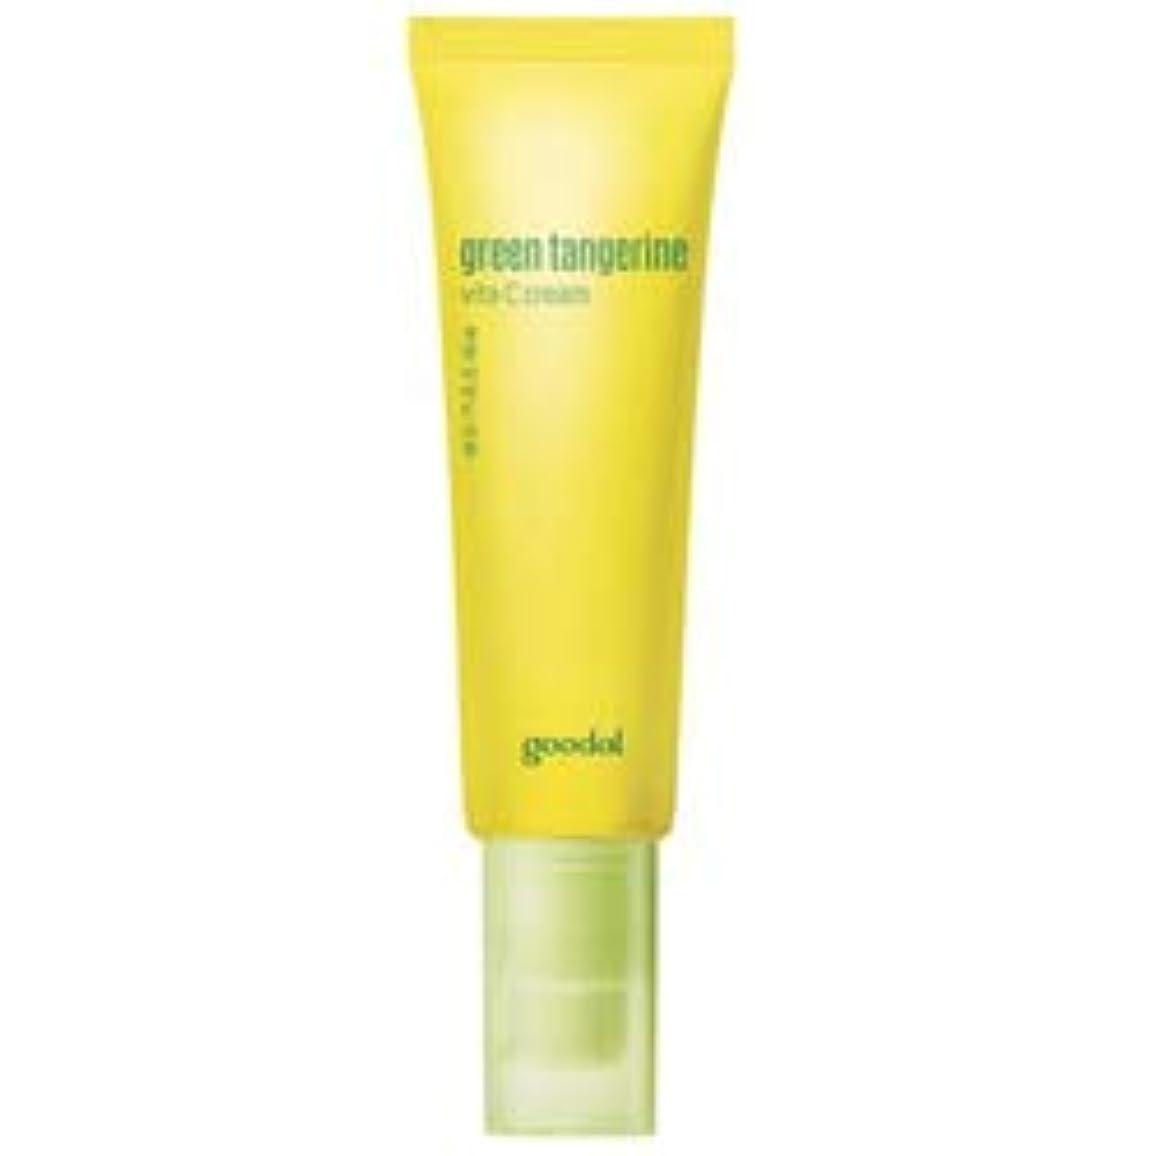 市民権器用壊す[goodal] Green Tangerine Vita C cream 50ml / [グーダル]タンジェリン ビタC クリーム 50ml [並行輸入品]